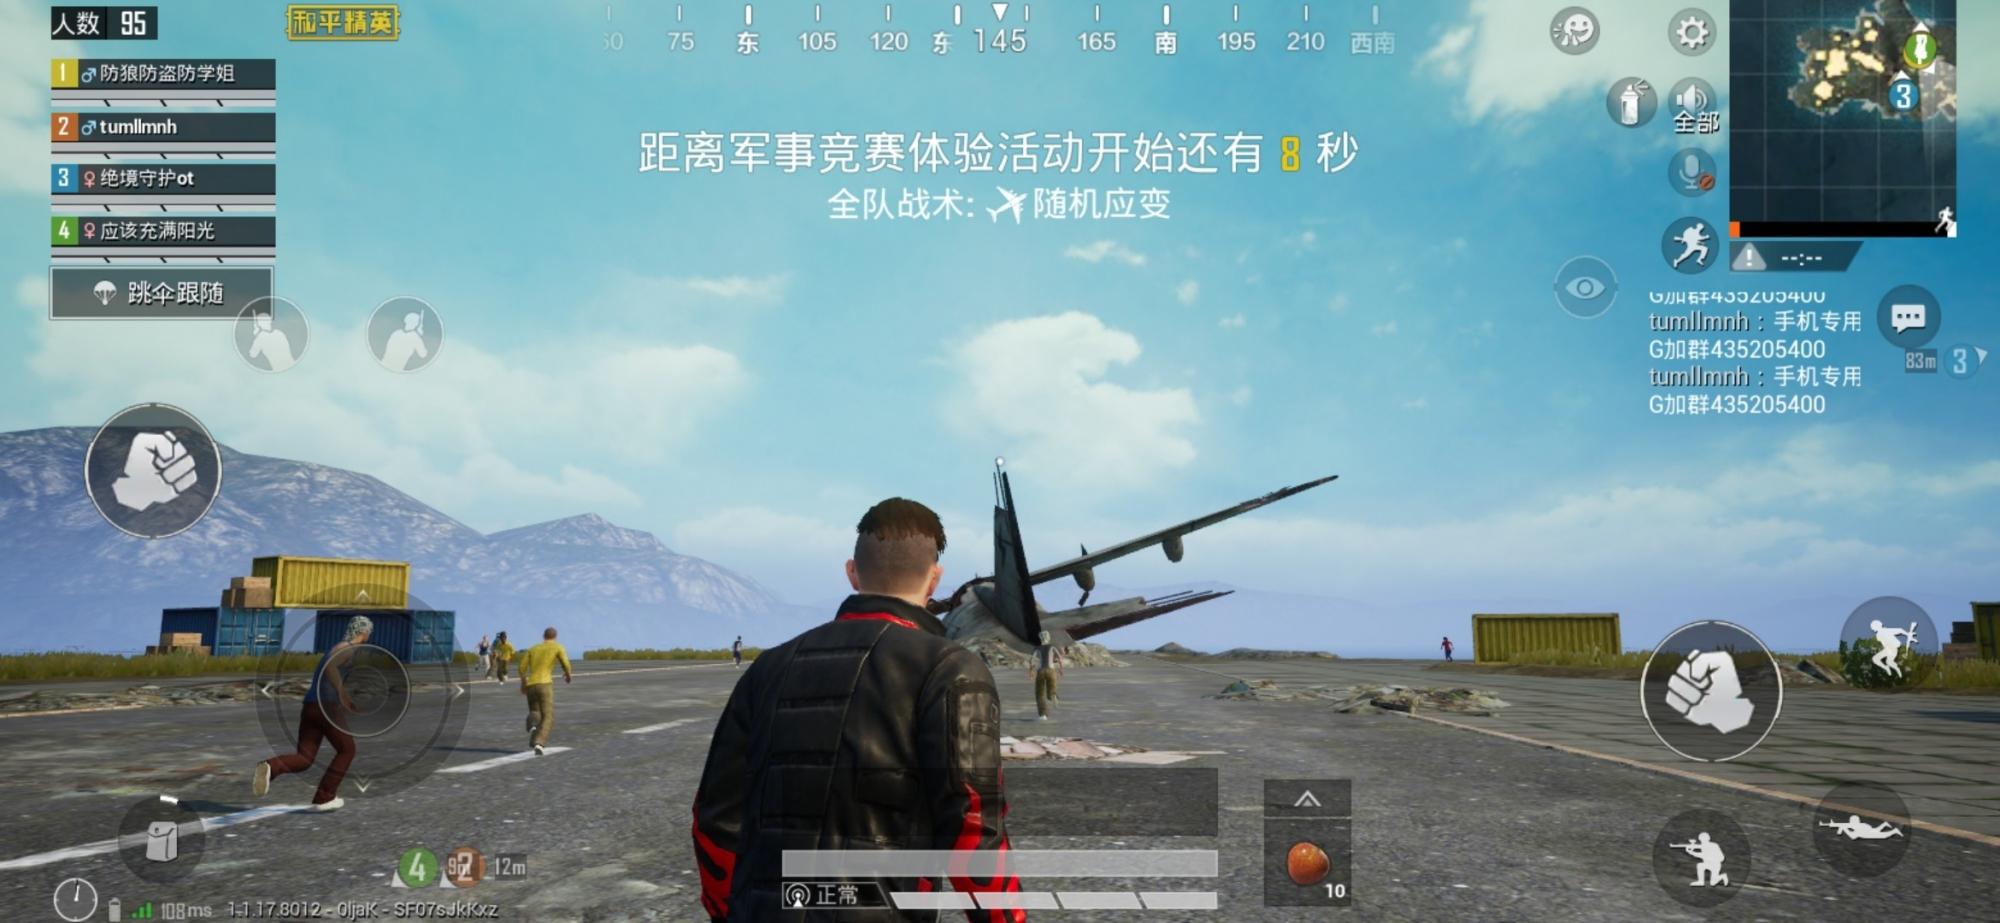 Screenshot_20190608_204540_com.tencent.tmgp.pubgmhd.jpg